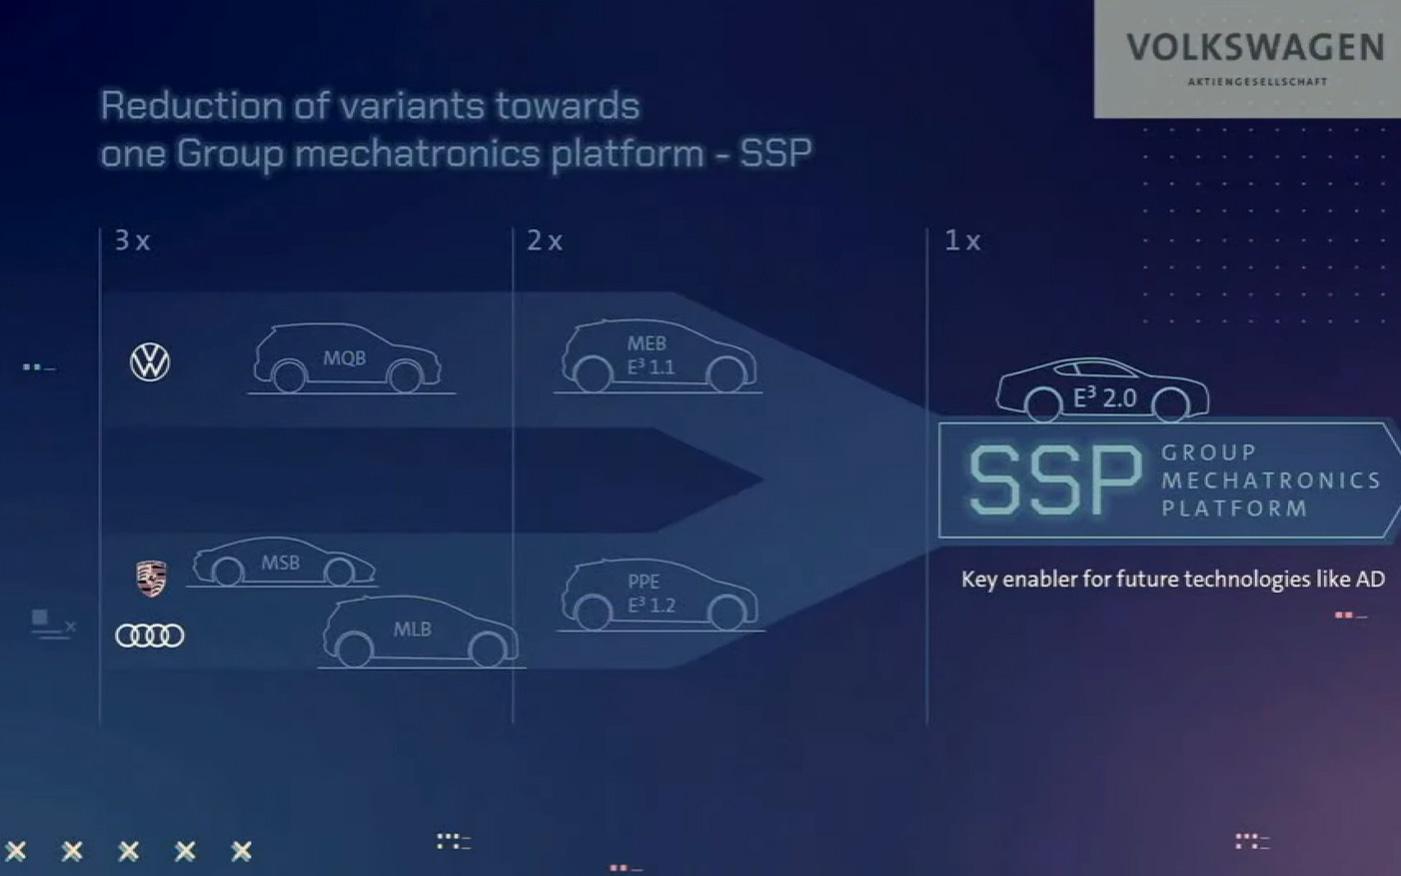 SSPは従来併存していたブランドごとのプラットフォームを1つに統一する